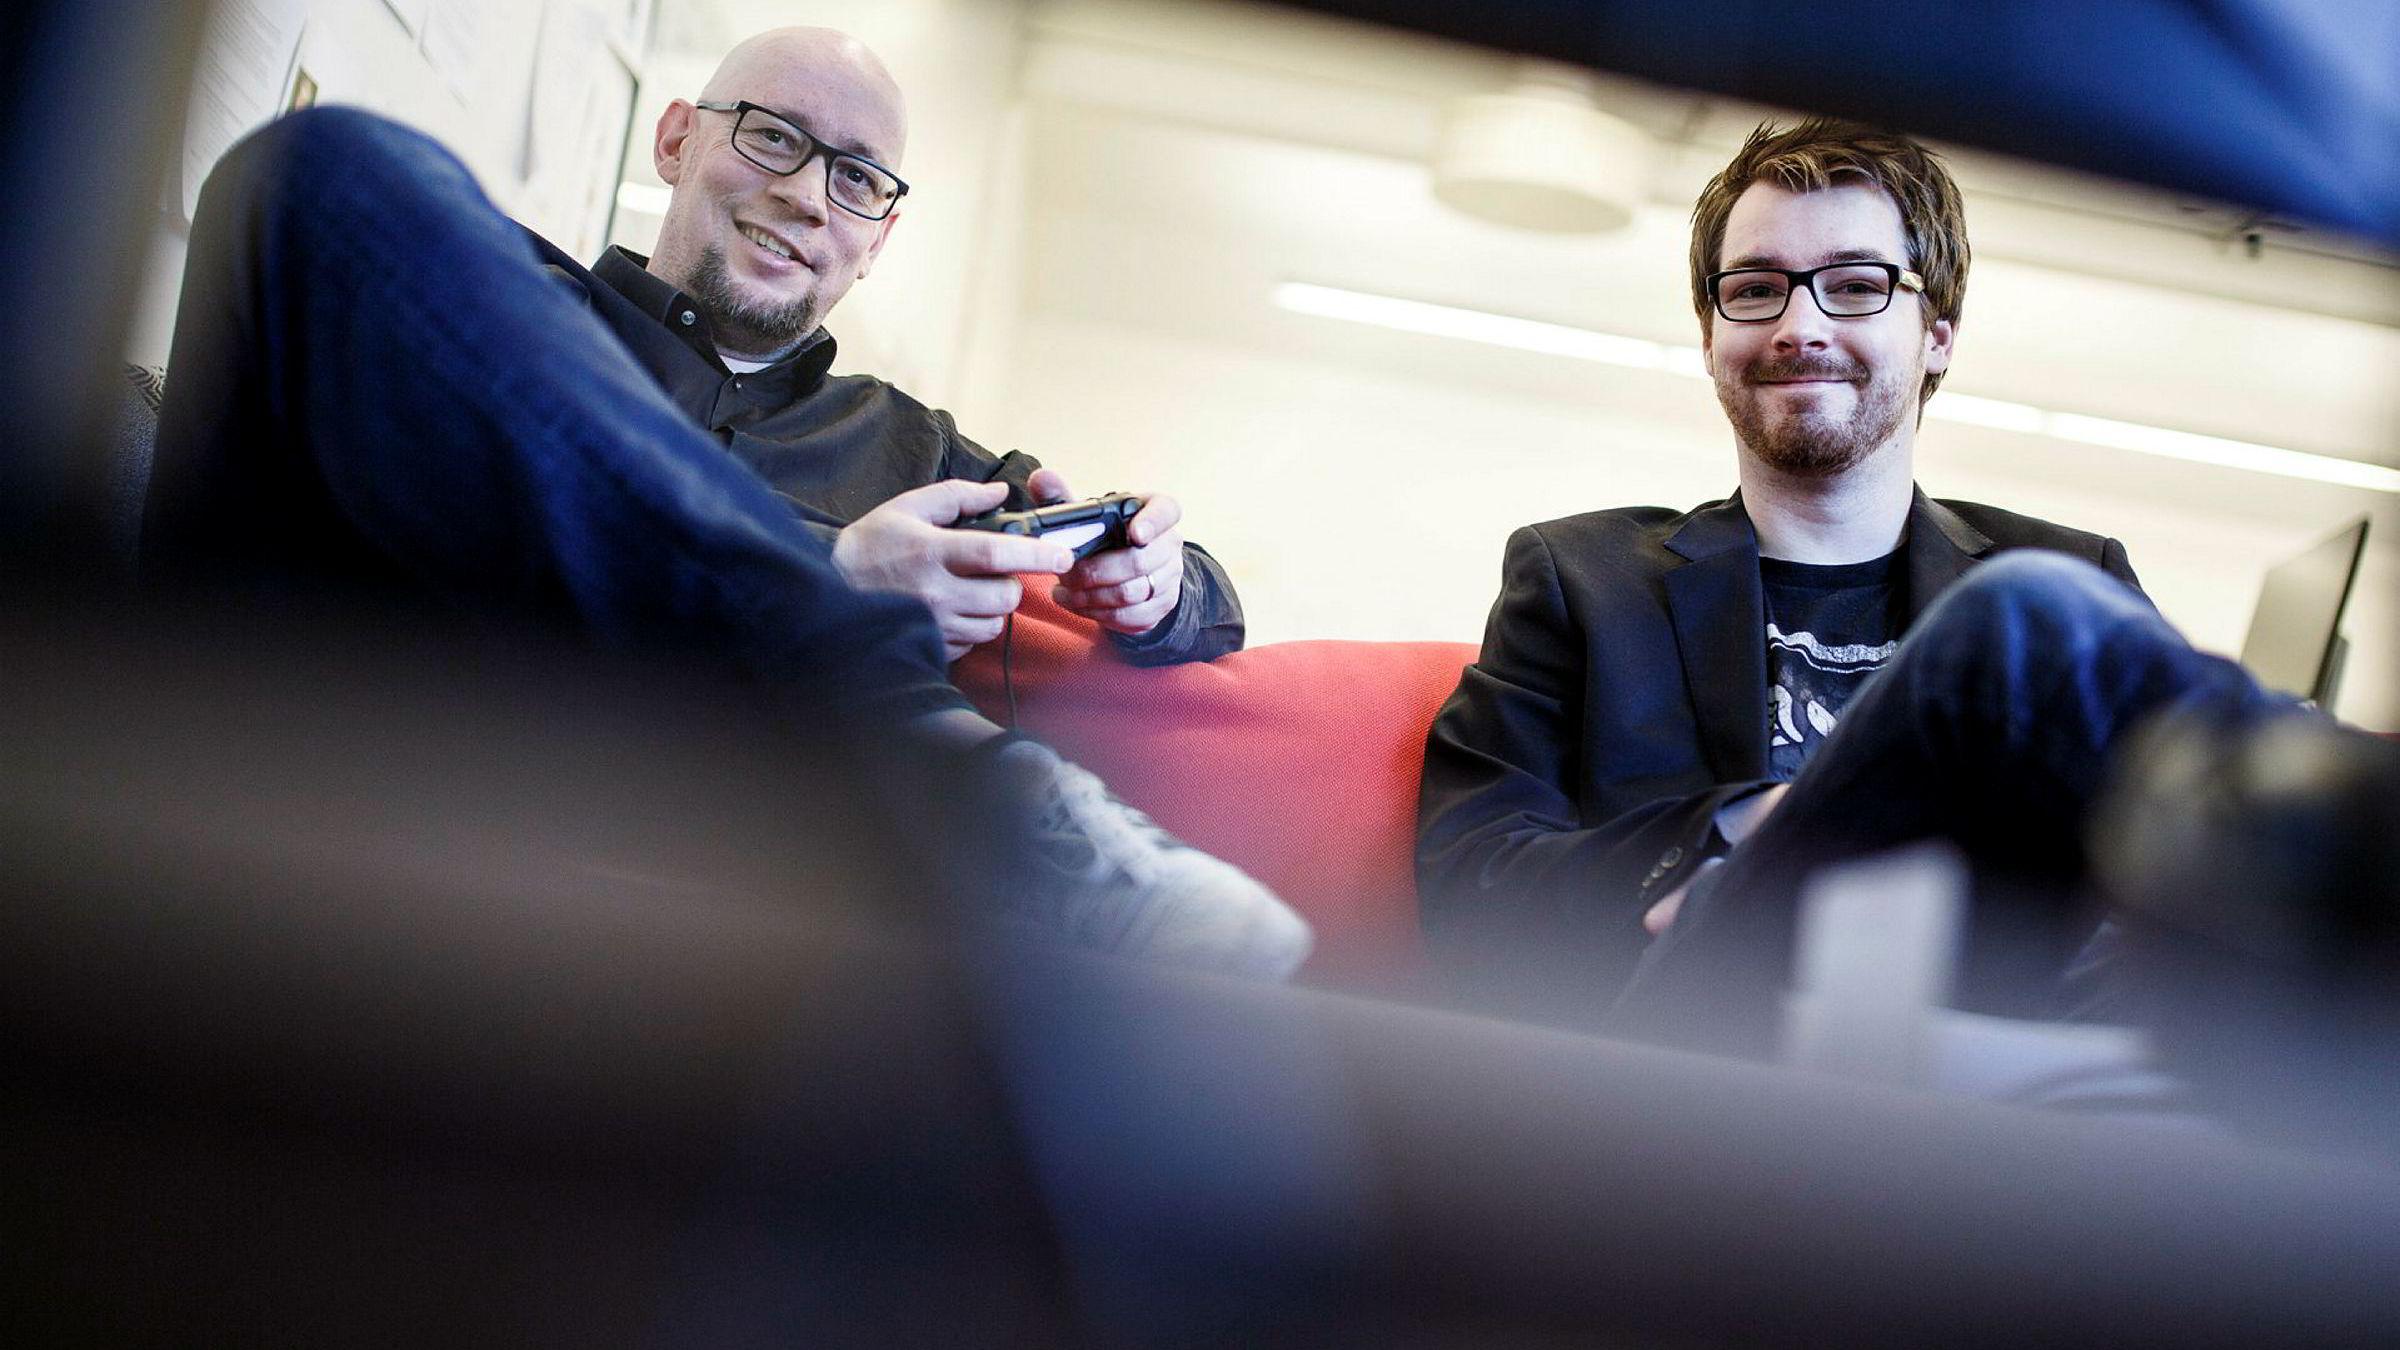 Rune Fjeld Olsen og Karl-Martin Hogsnes er spillanmeldere i Level Up. Når DN møter dem gjør de en anmeldelse av PlayStation-klassikeren Jak and Daxter fra 2001, som nylig ble oppdatert og utgitt til PS4.